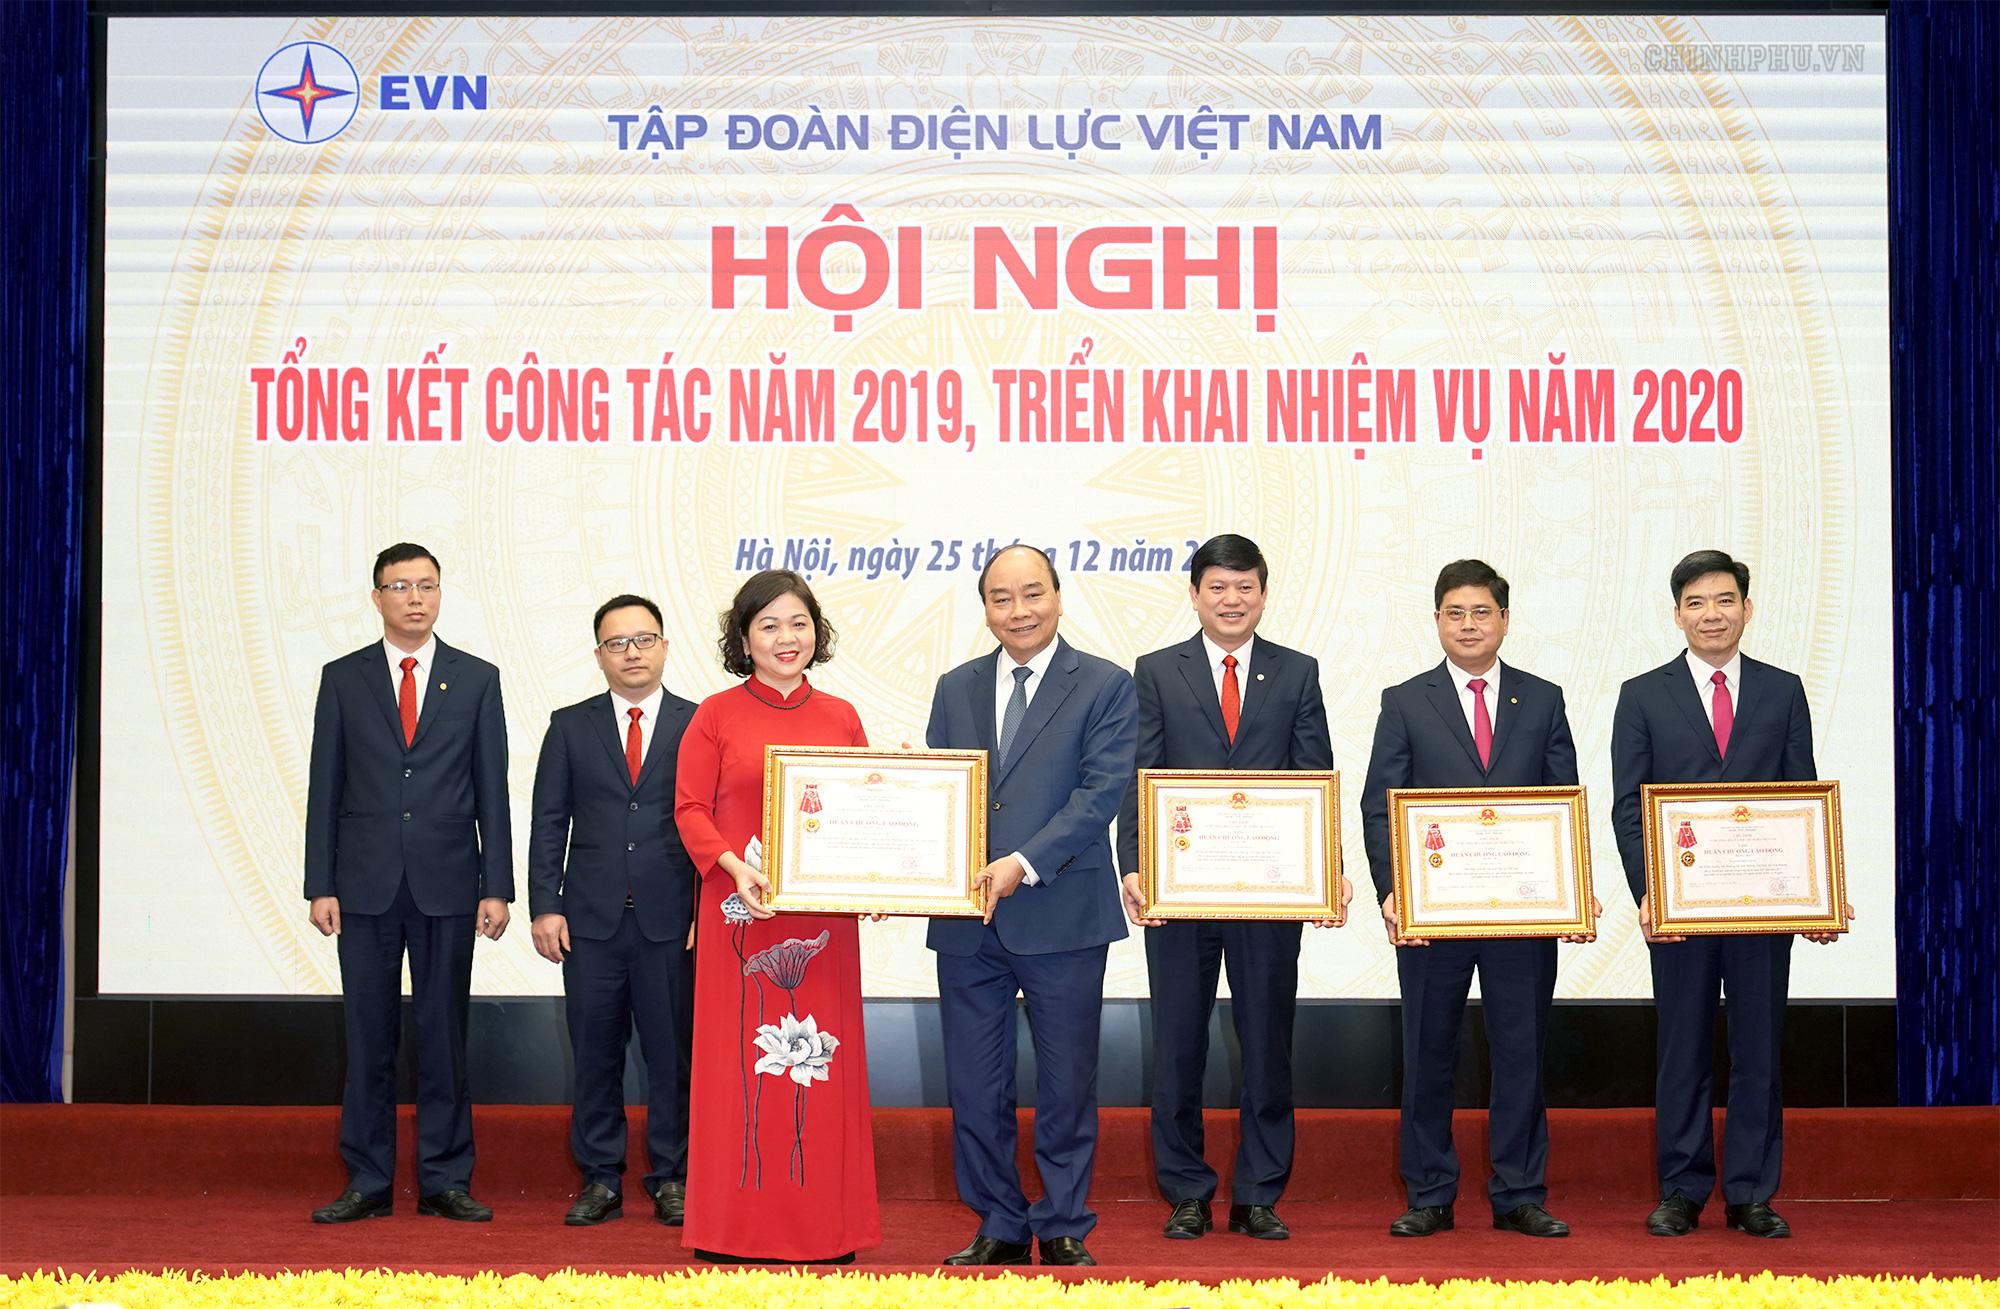 Điện lực Việt Nam hiện có 28 triệu khách hàng - Ảnh 3.